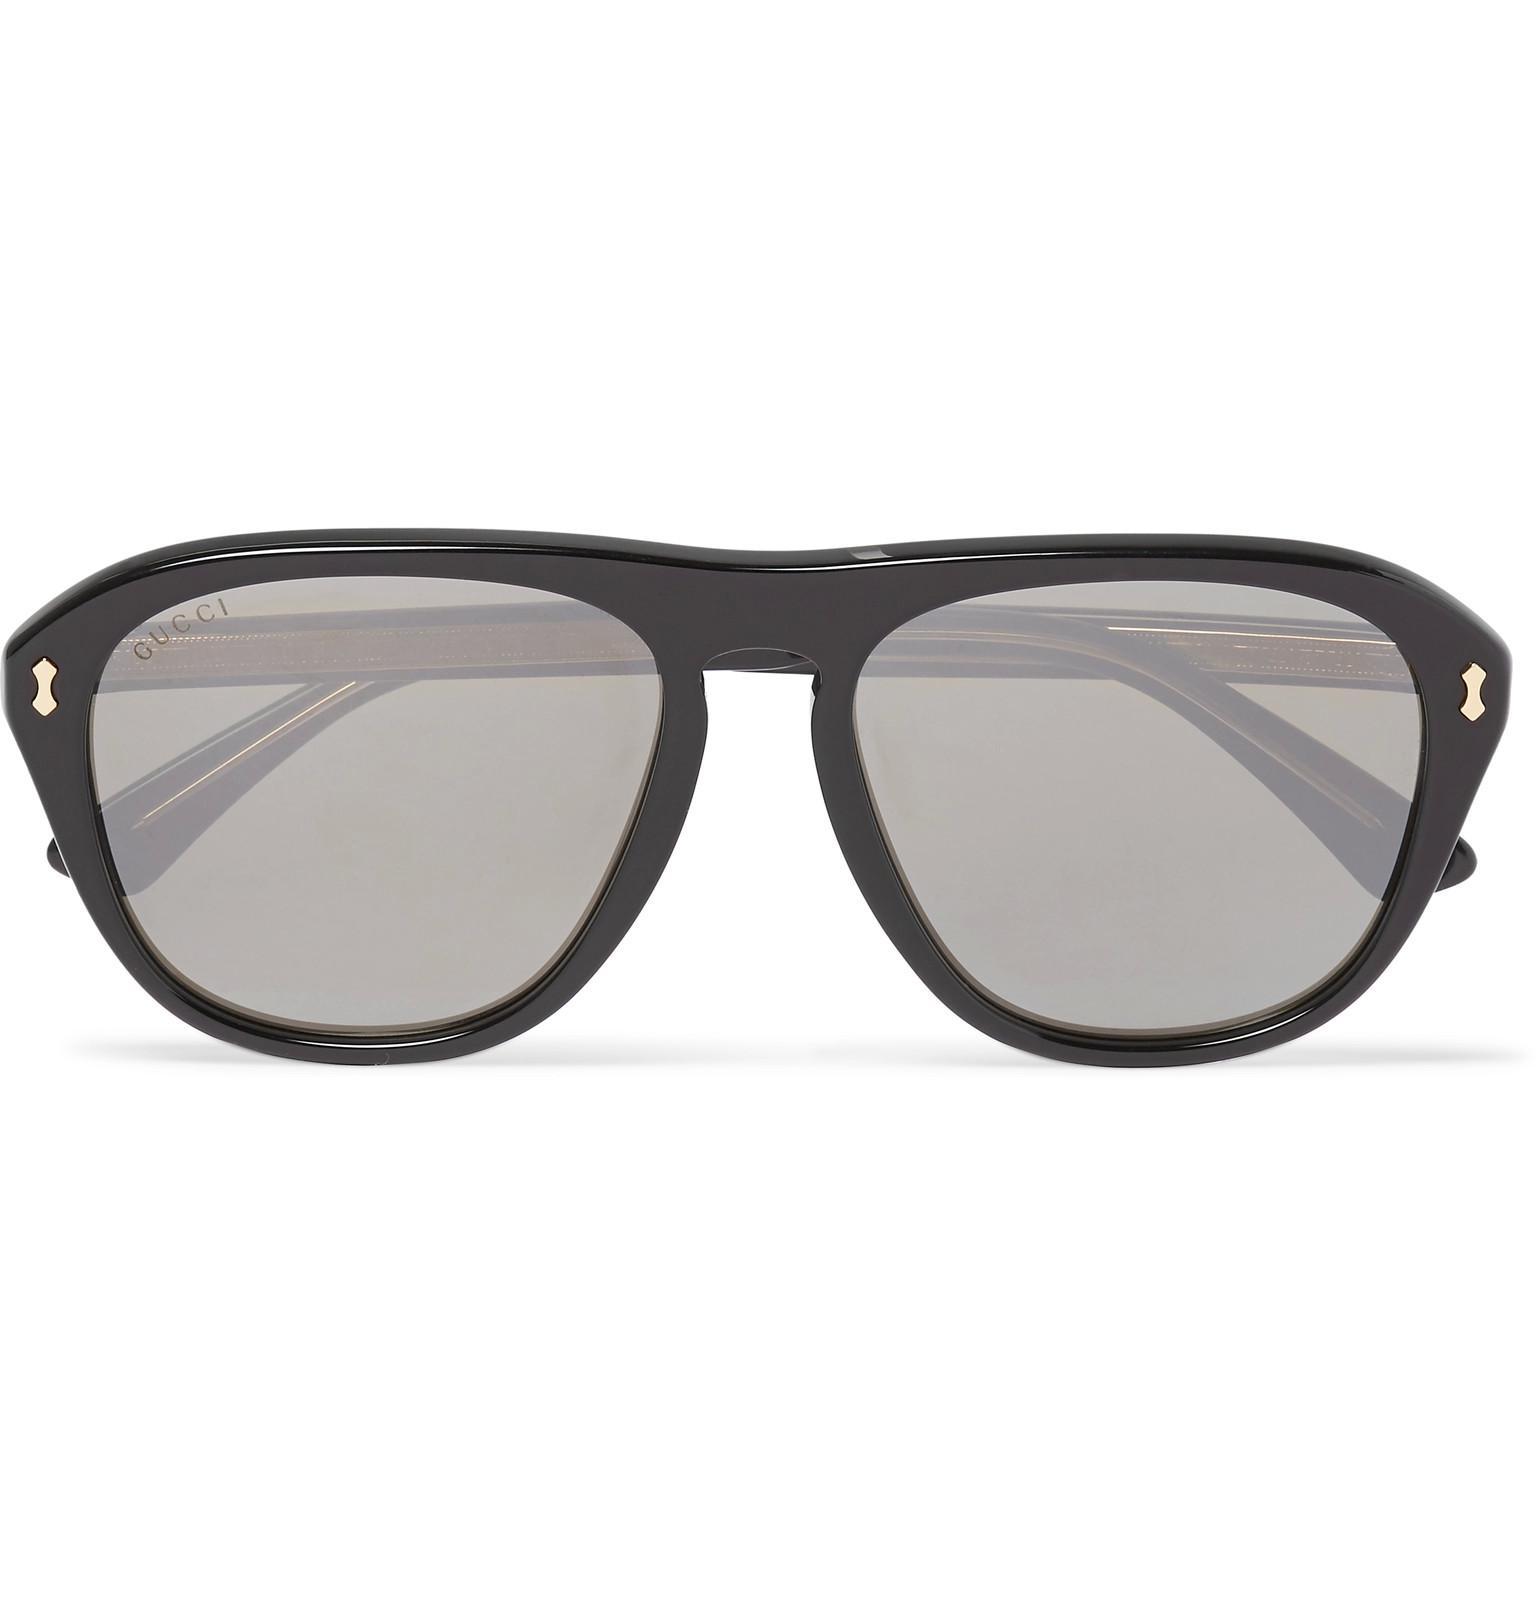 6e34e1987bba Gucci Aviator-style Acetate Mirrored Sunglasses in Black for Men - Lyst